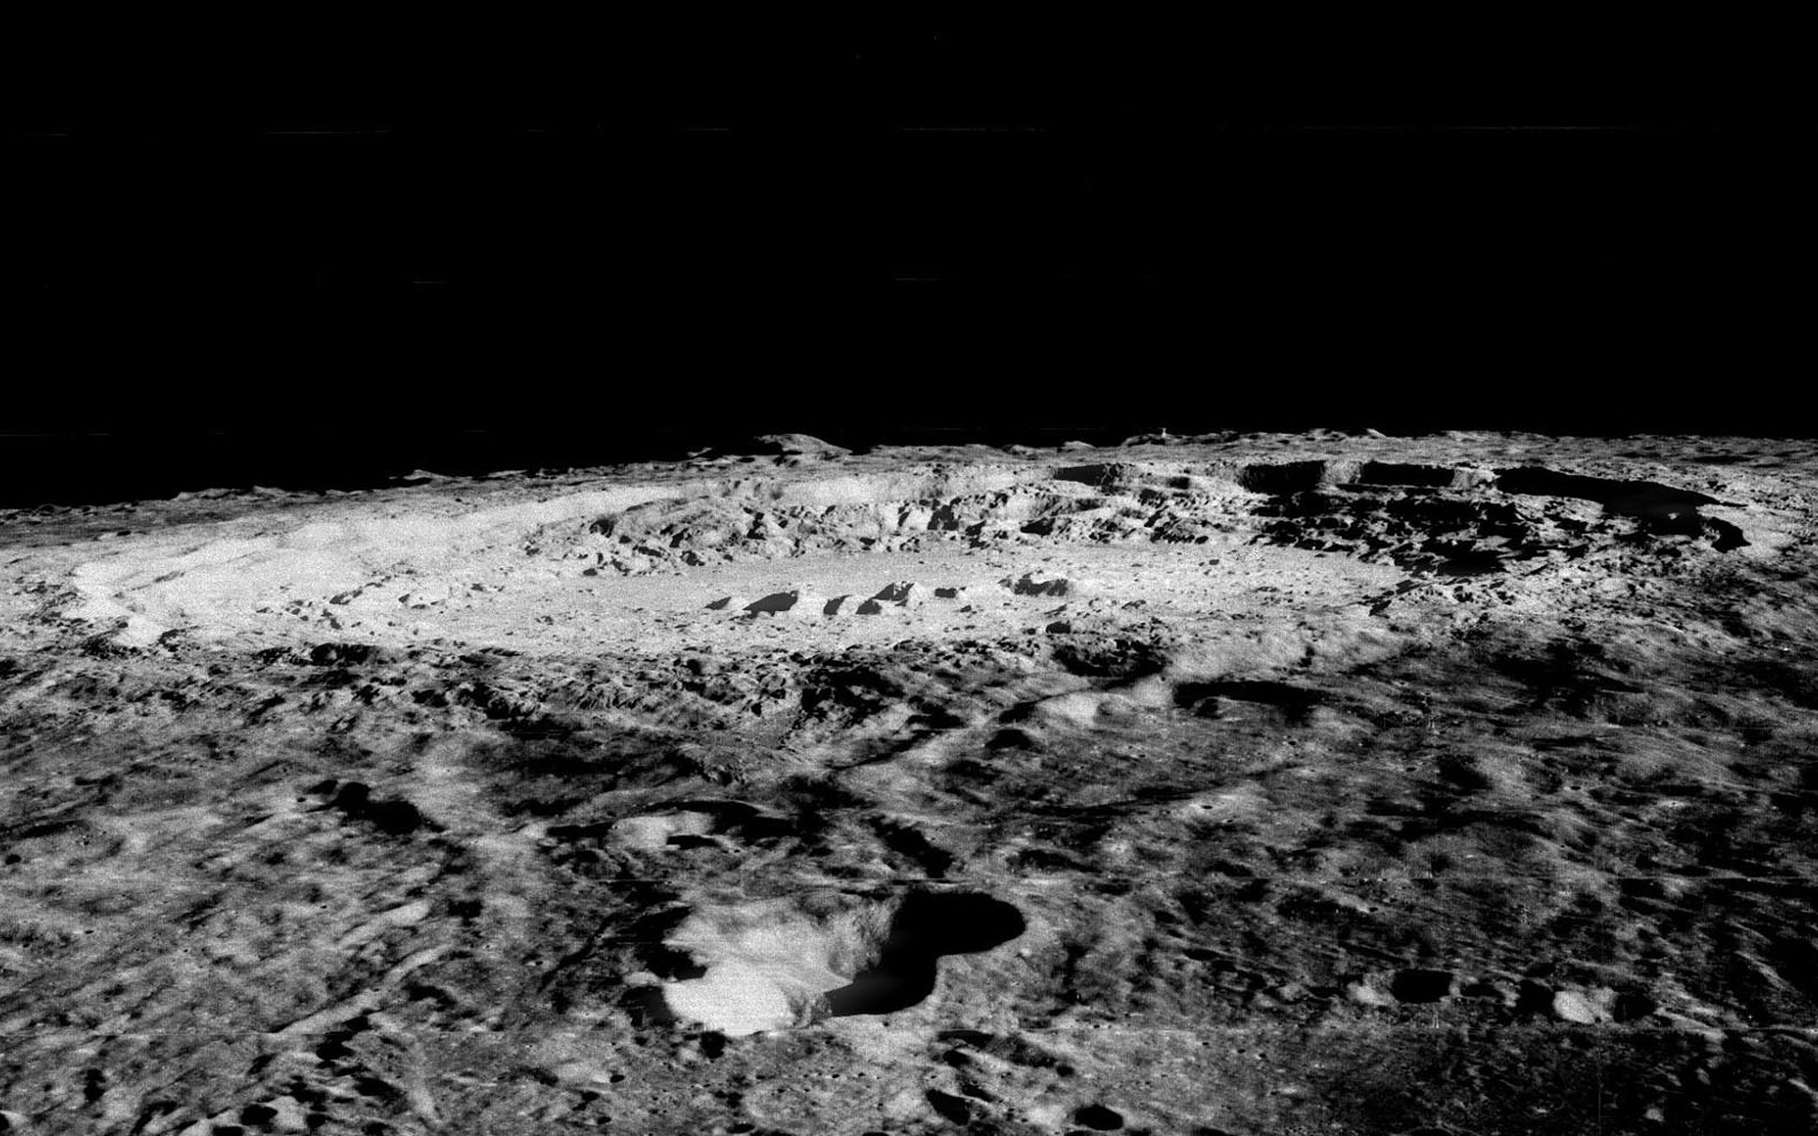 La Lune est constellée de centaines de milliers de cratères. Des chercheurs ont développé un outil basé sur l'intelligence artificielle capable de les détecter. L'IA a trouvé 6.000 nouveaux cratères. © Nasa, JPL, USGS